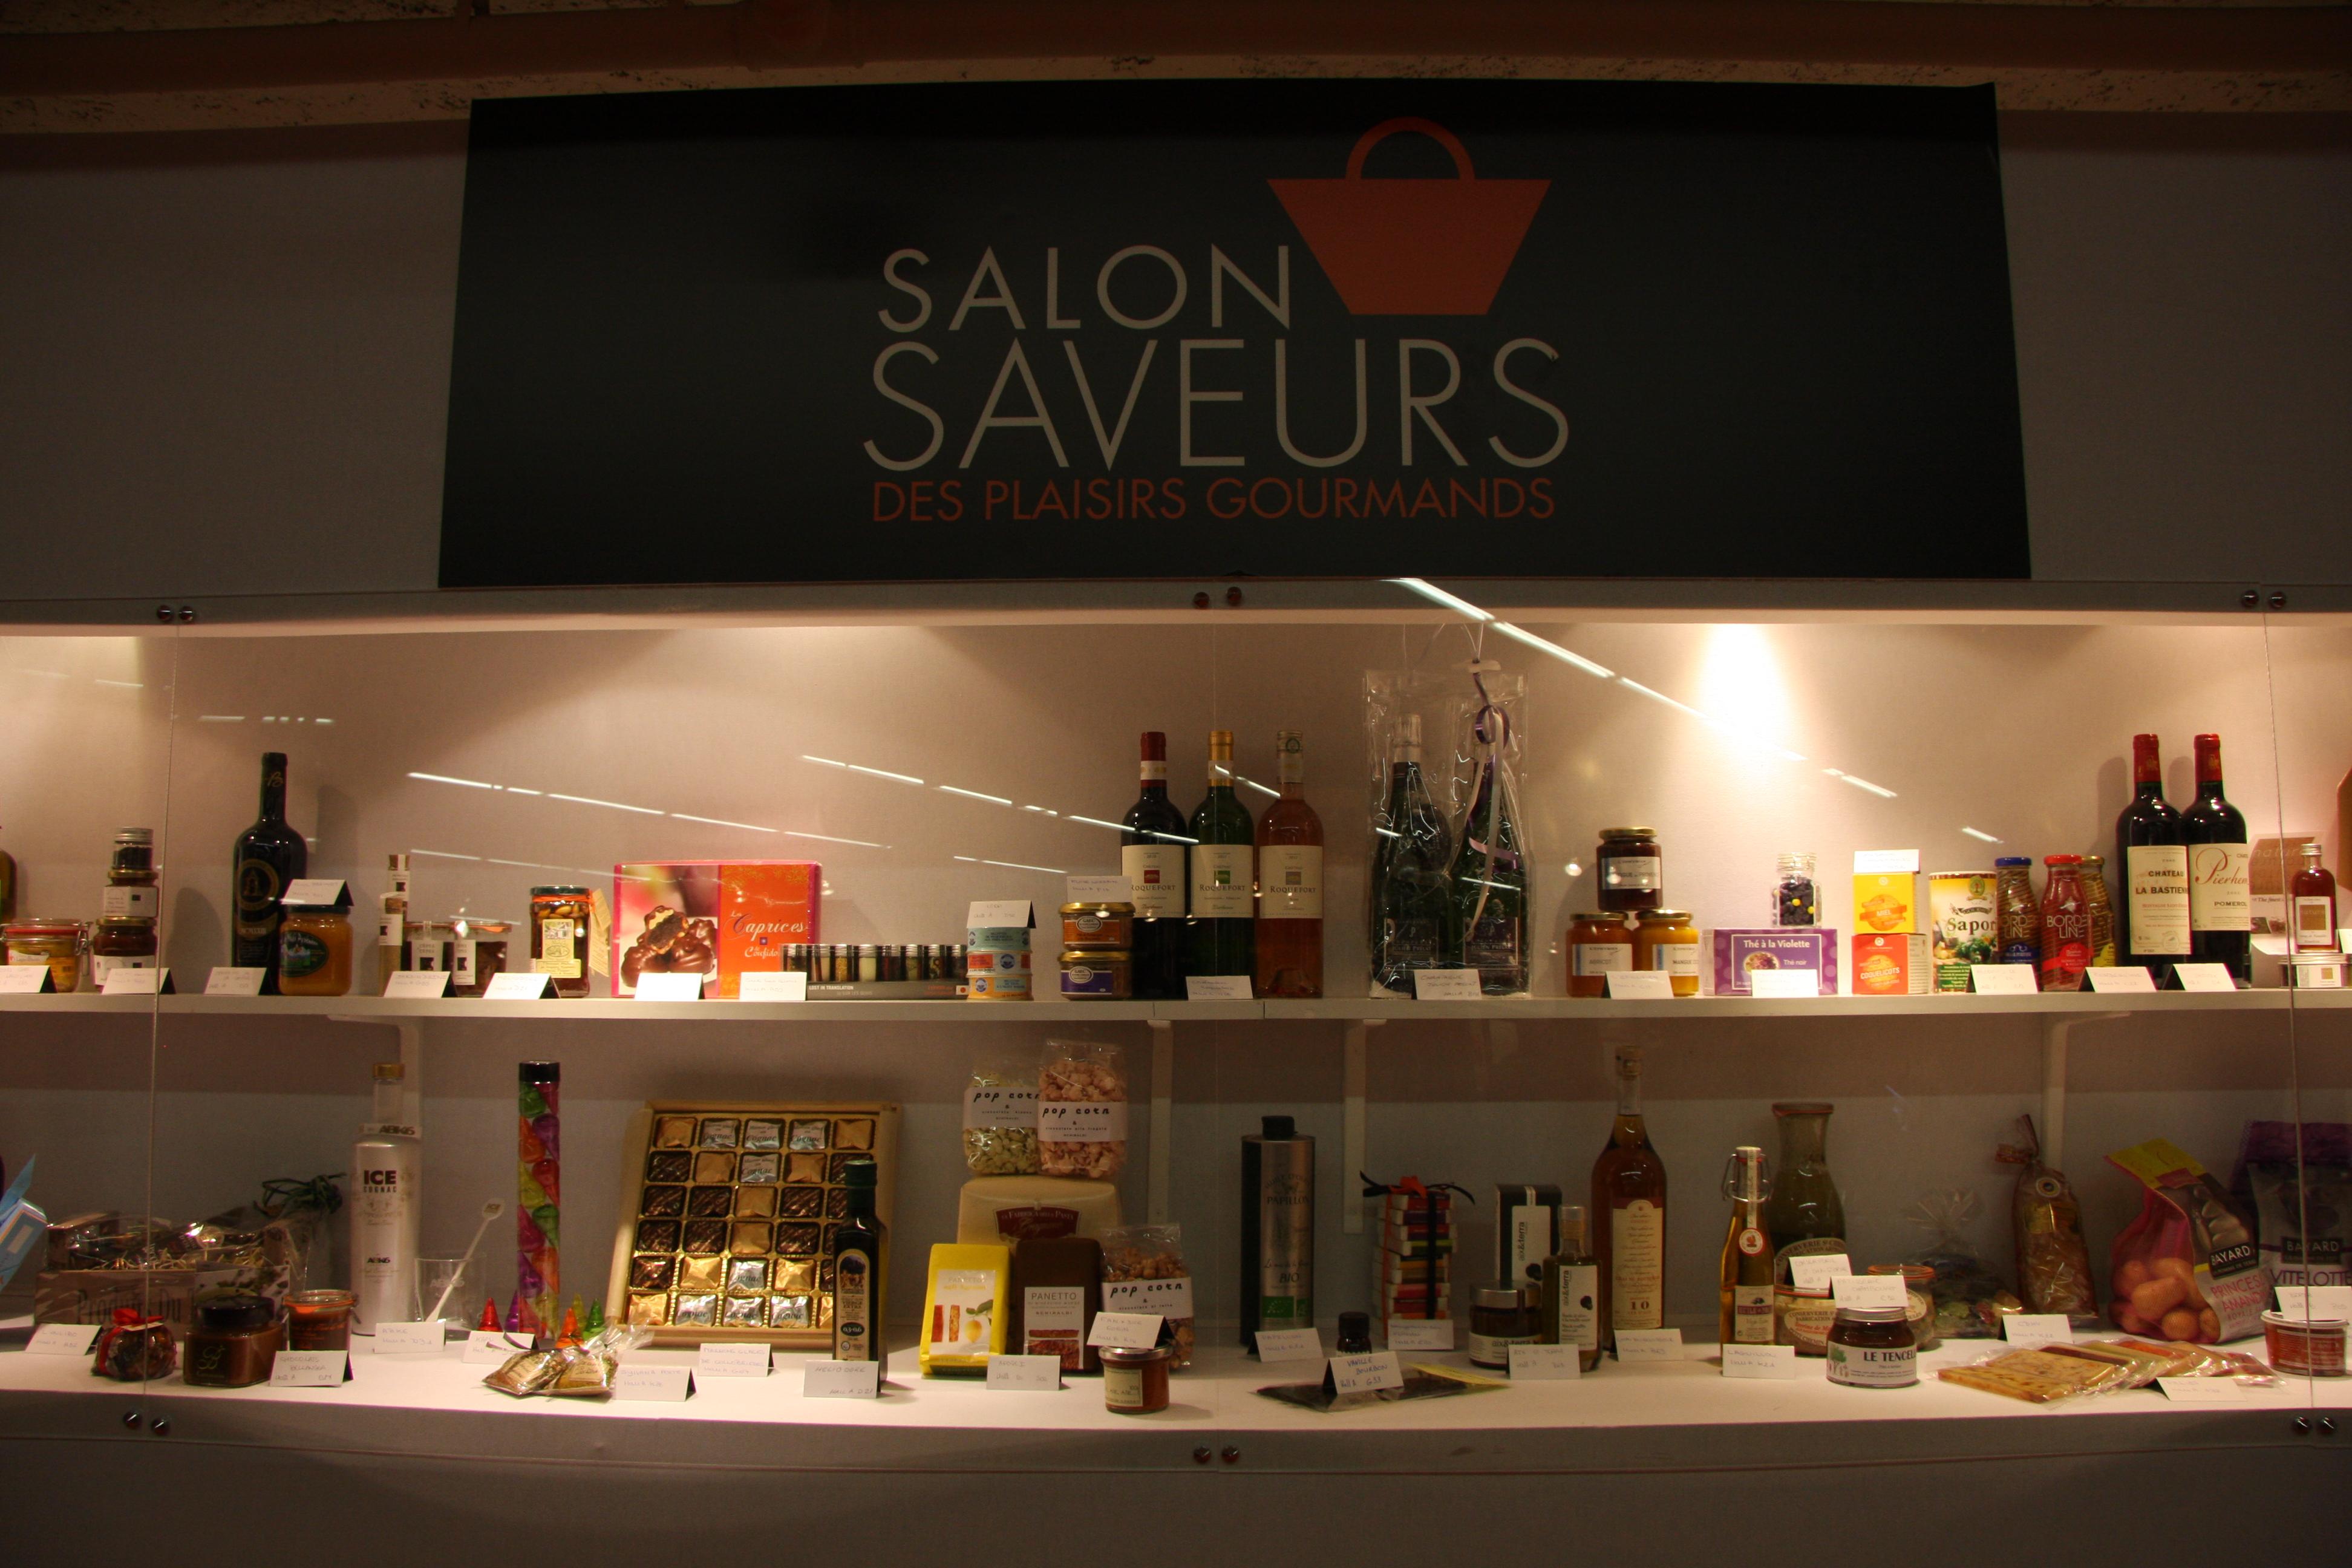 Le Salon Saveur des Plaisirs Gourmands